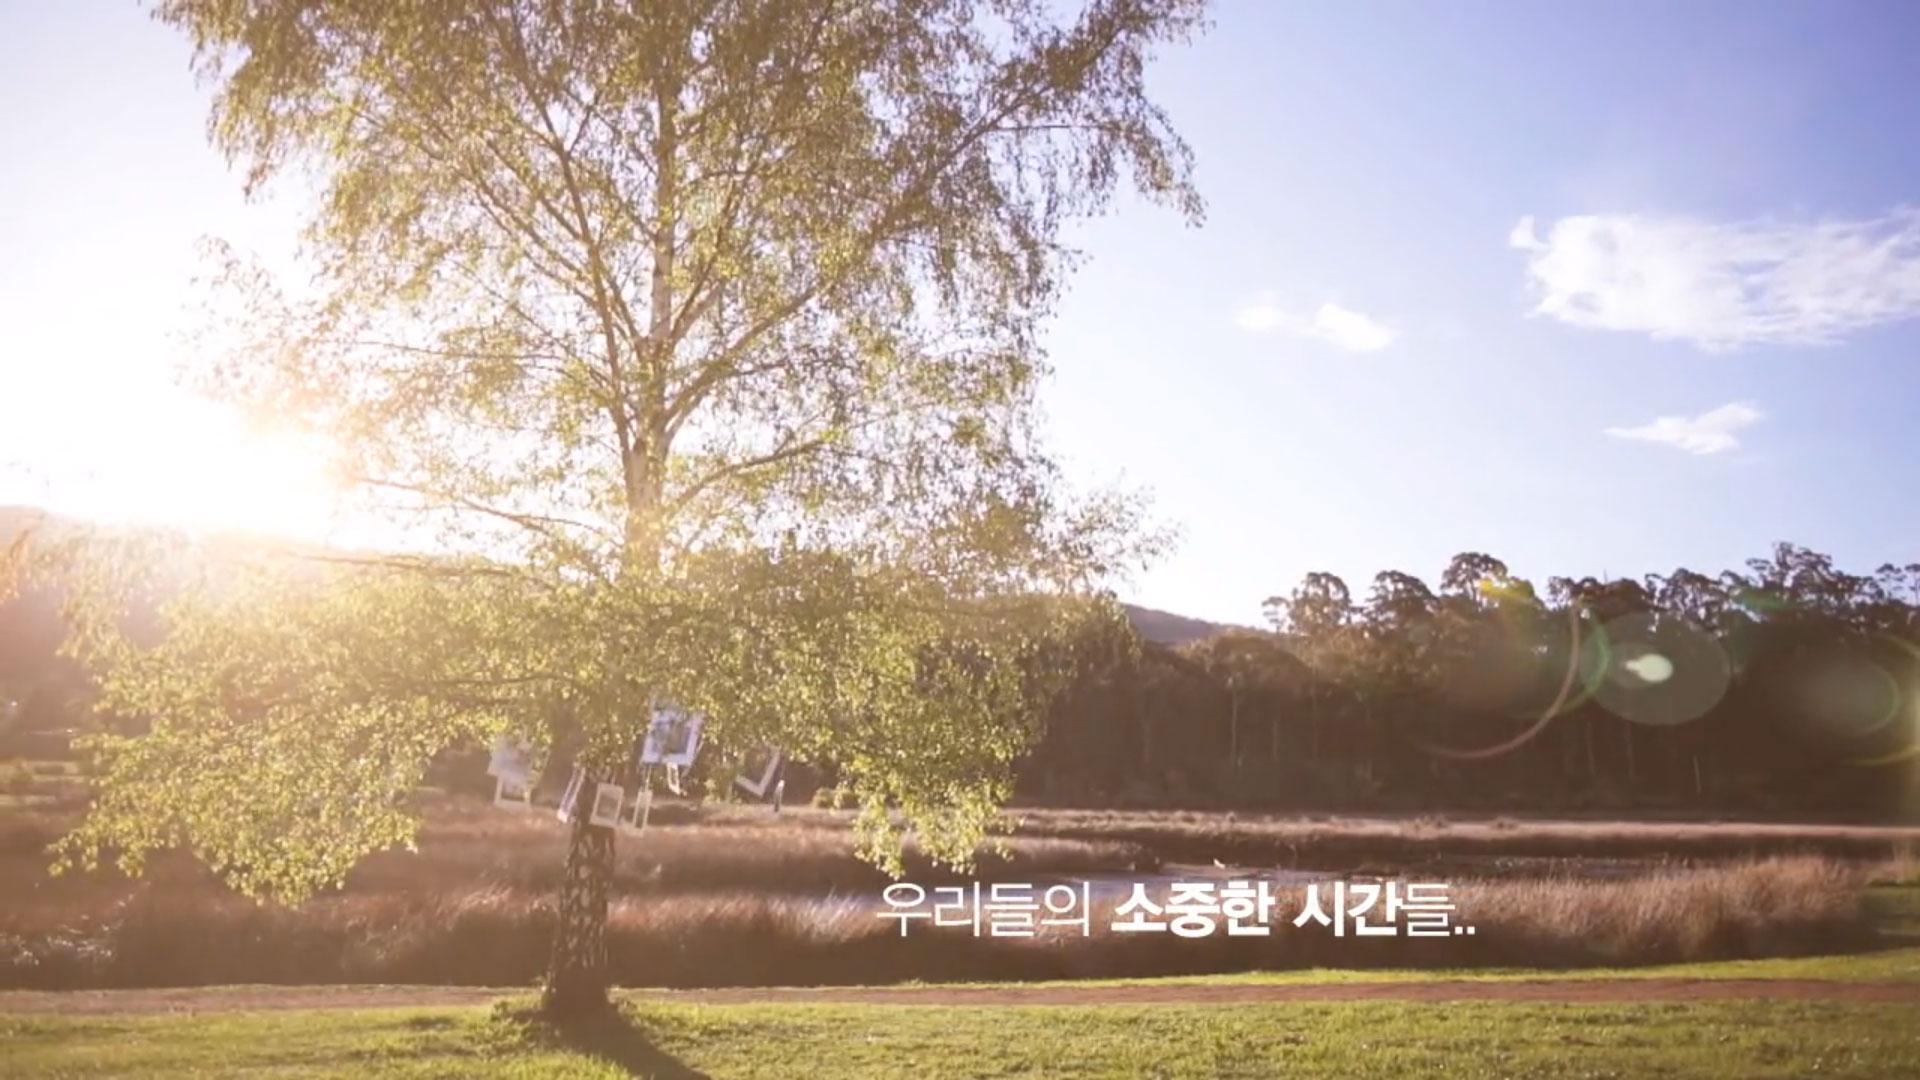 아모르(성장+ 데이트 +리허설사진)